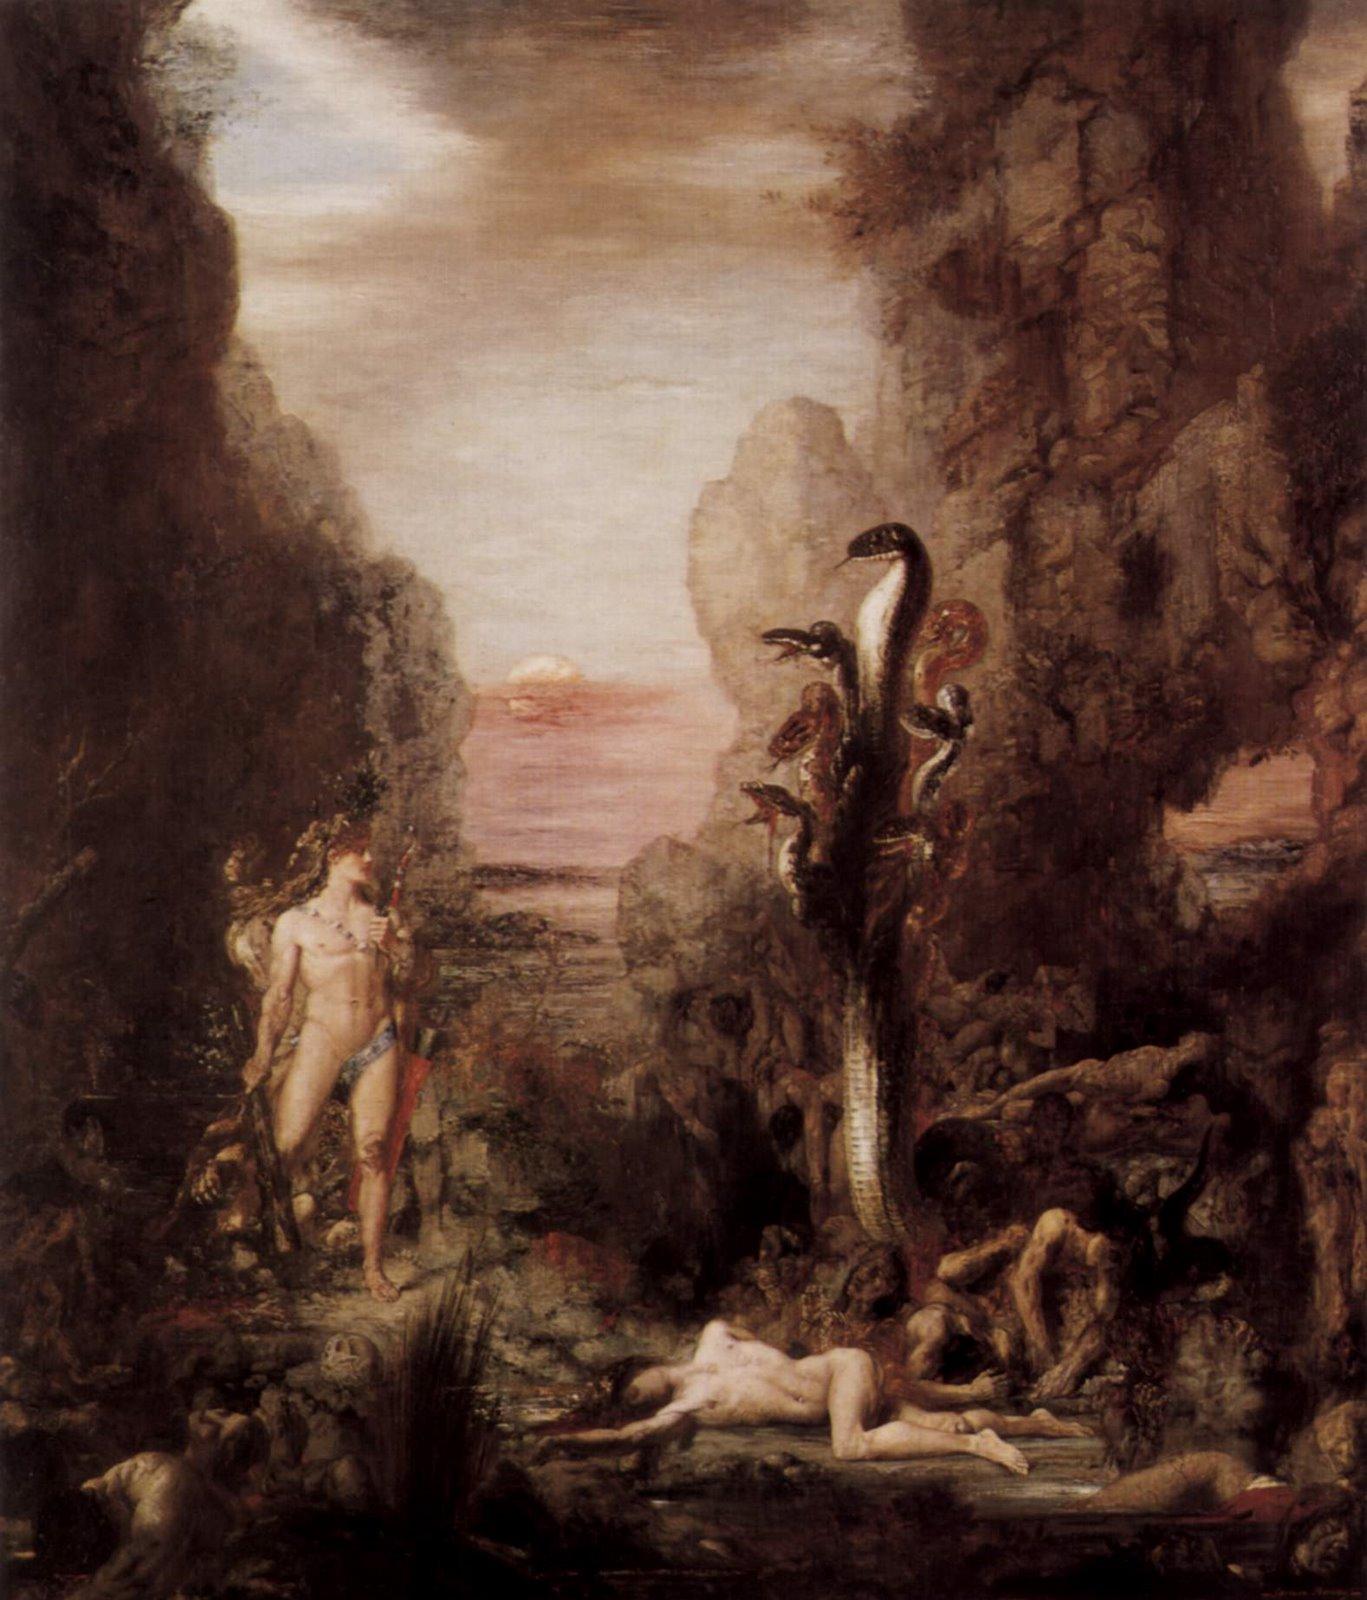 Heracles frente a la Hidra. Según una versión, un cangrejo traerá complicaciones al héroe e identidad al signo de Cáncer.